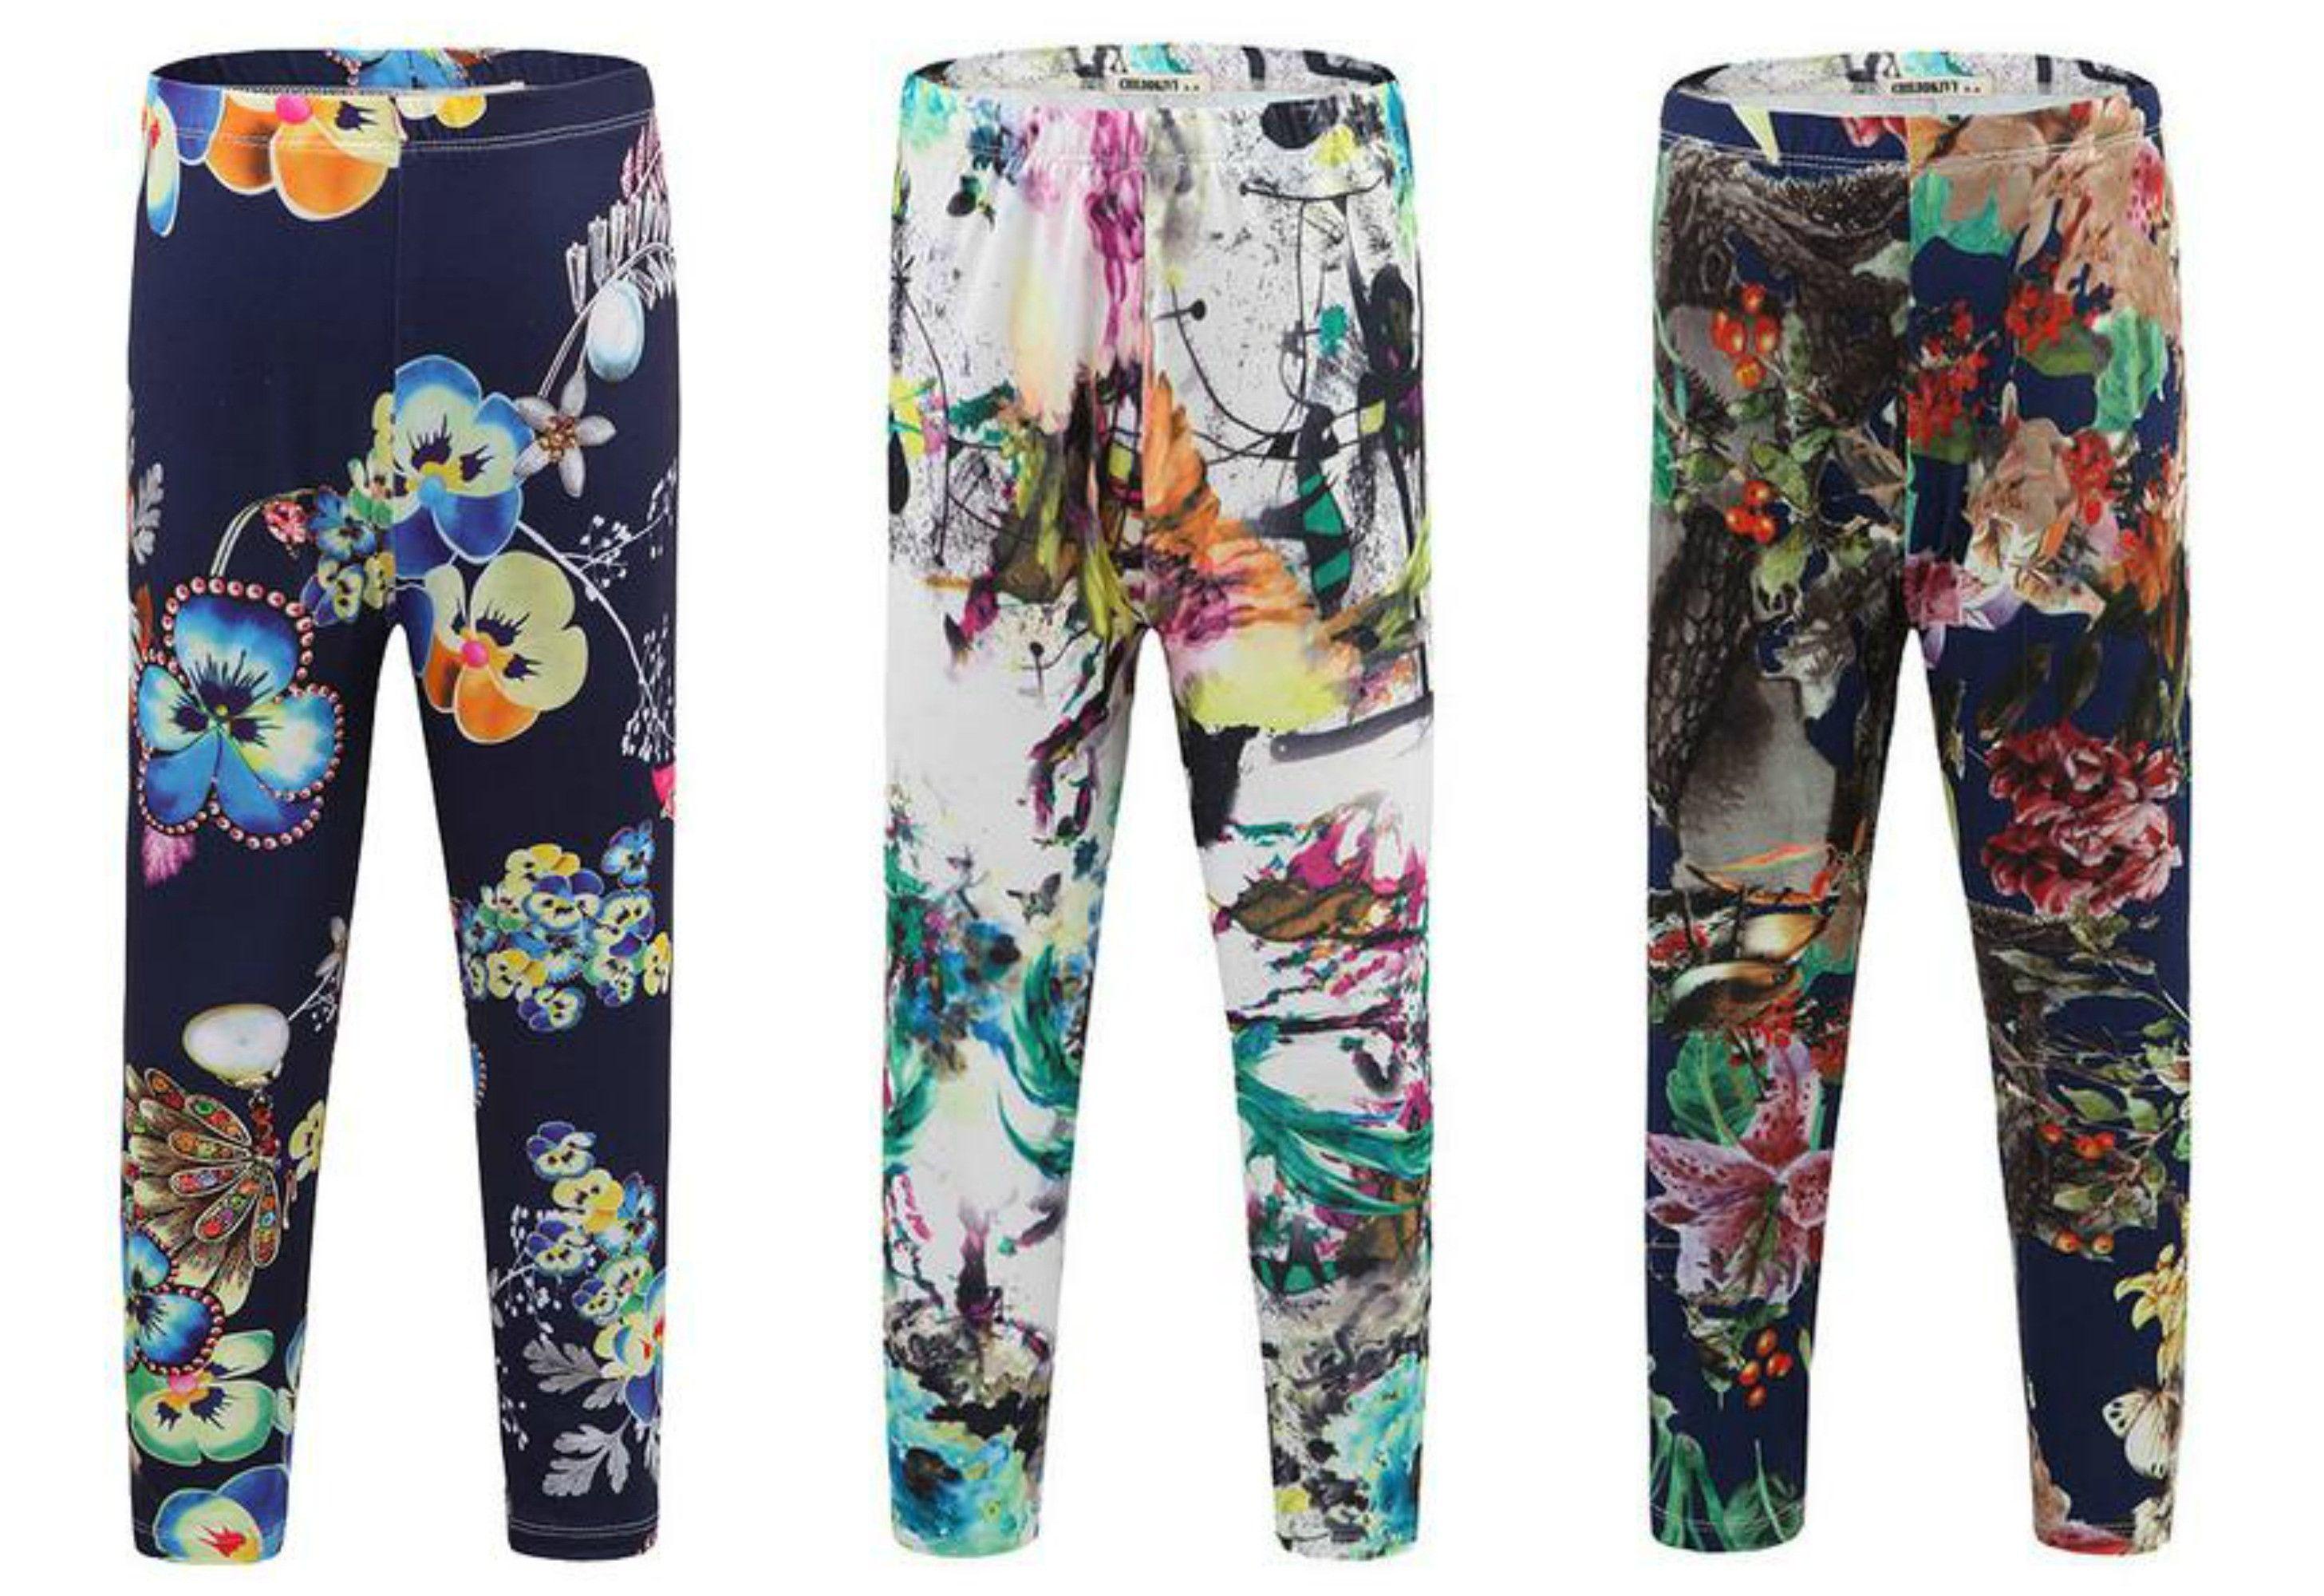 Flower Frenzy Stemz Fashion Pants Cotton Pants Girls Leggings